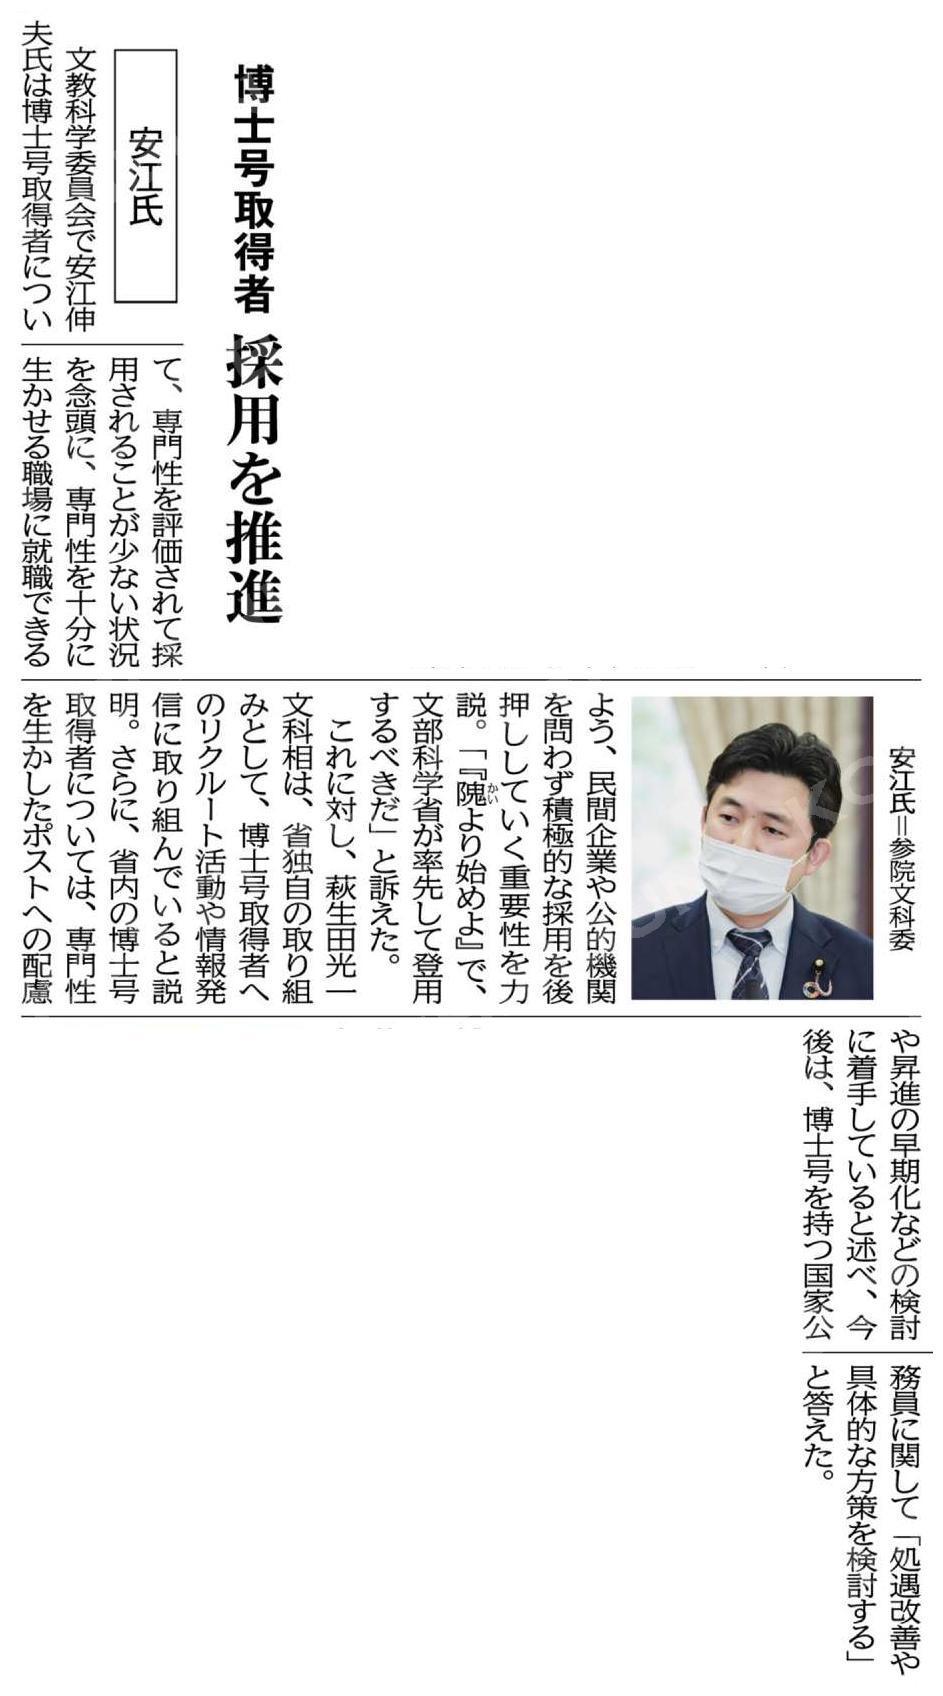 (参院で委嘱審査=1面の続き)博士号取得者採用を推進/安江氏